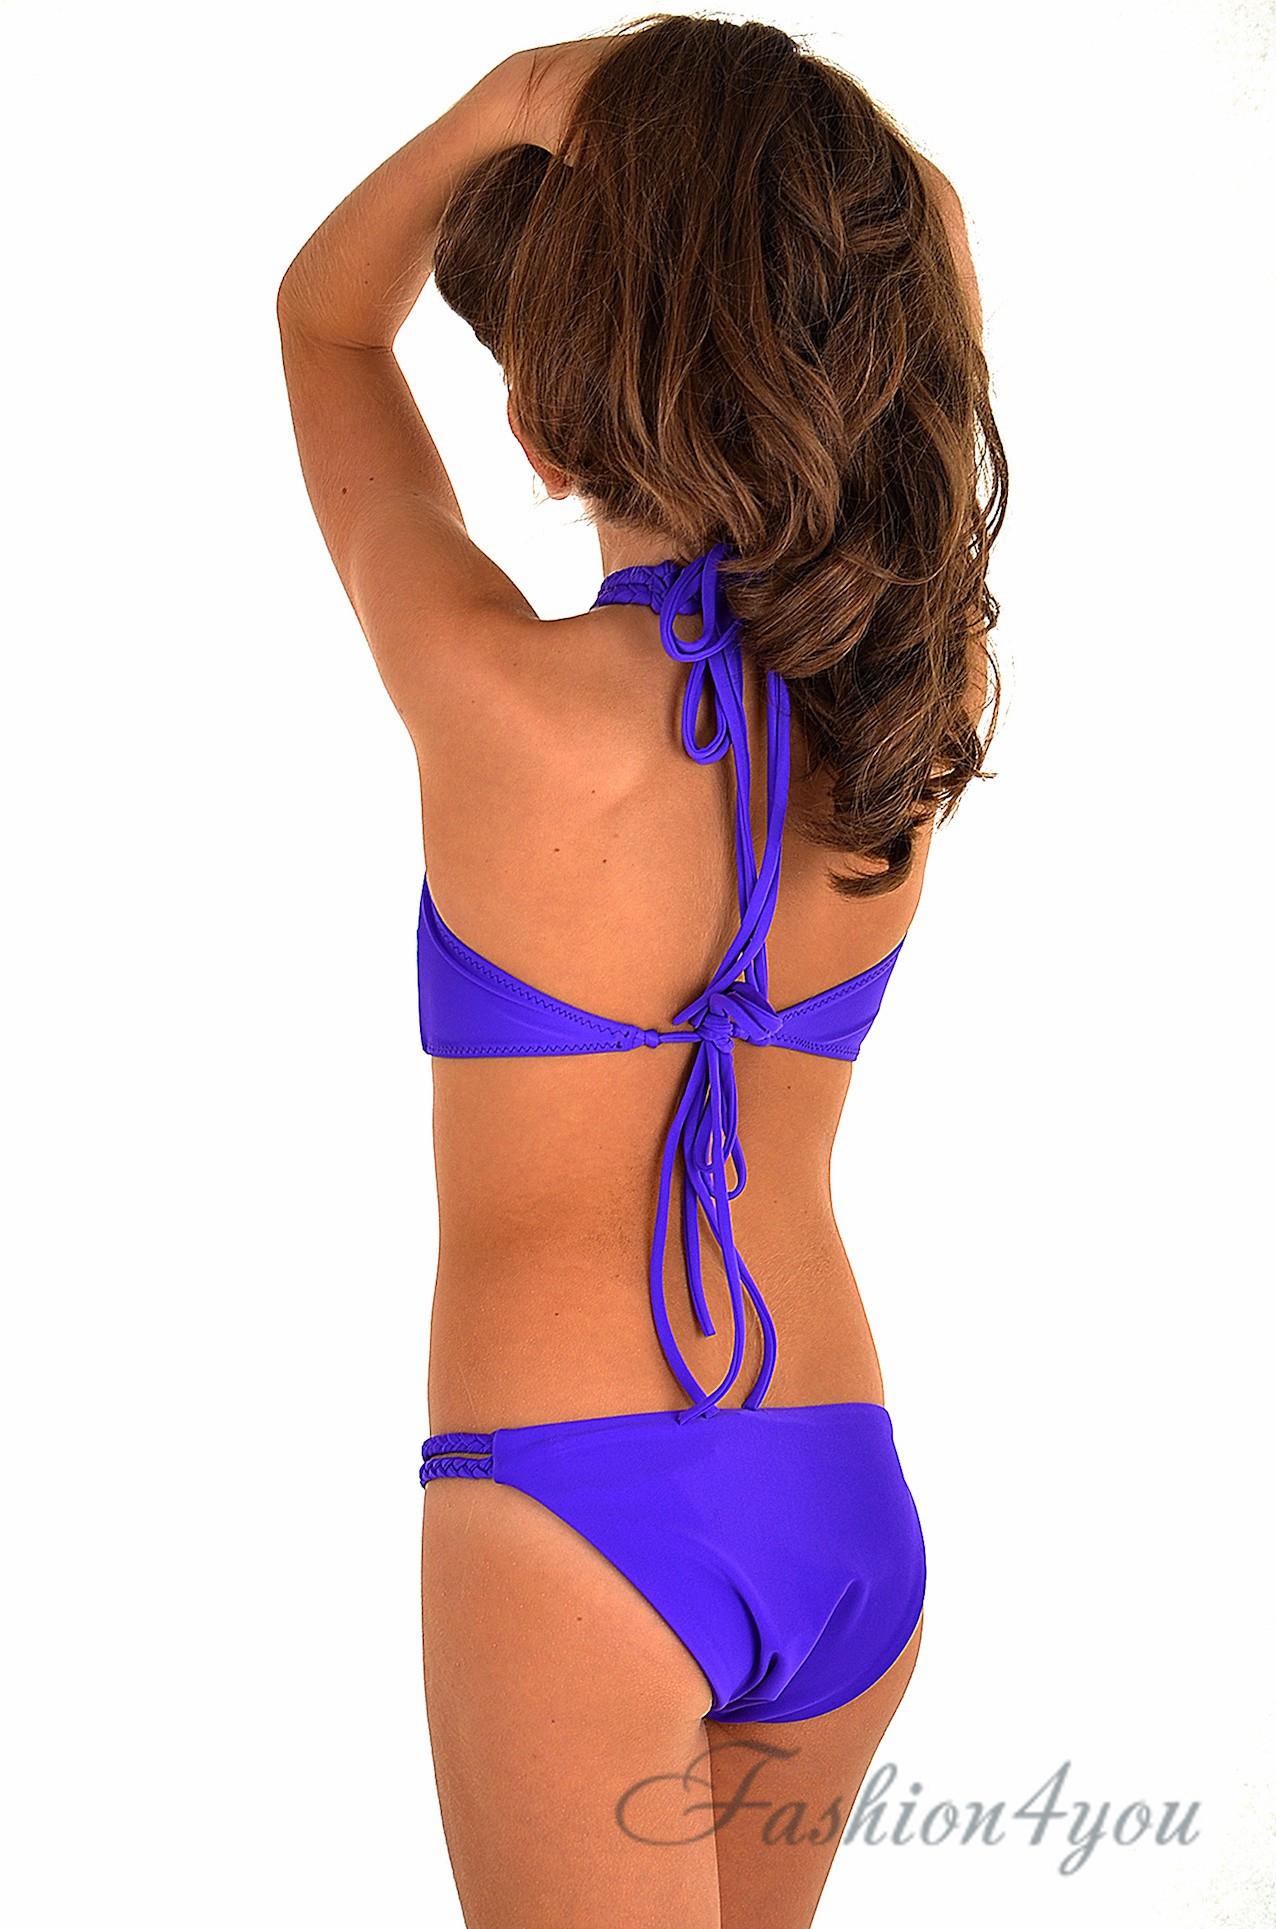 Дитячий купальний костюм BAEL Коса 5513 - фото №3 284a51c8fd9dc